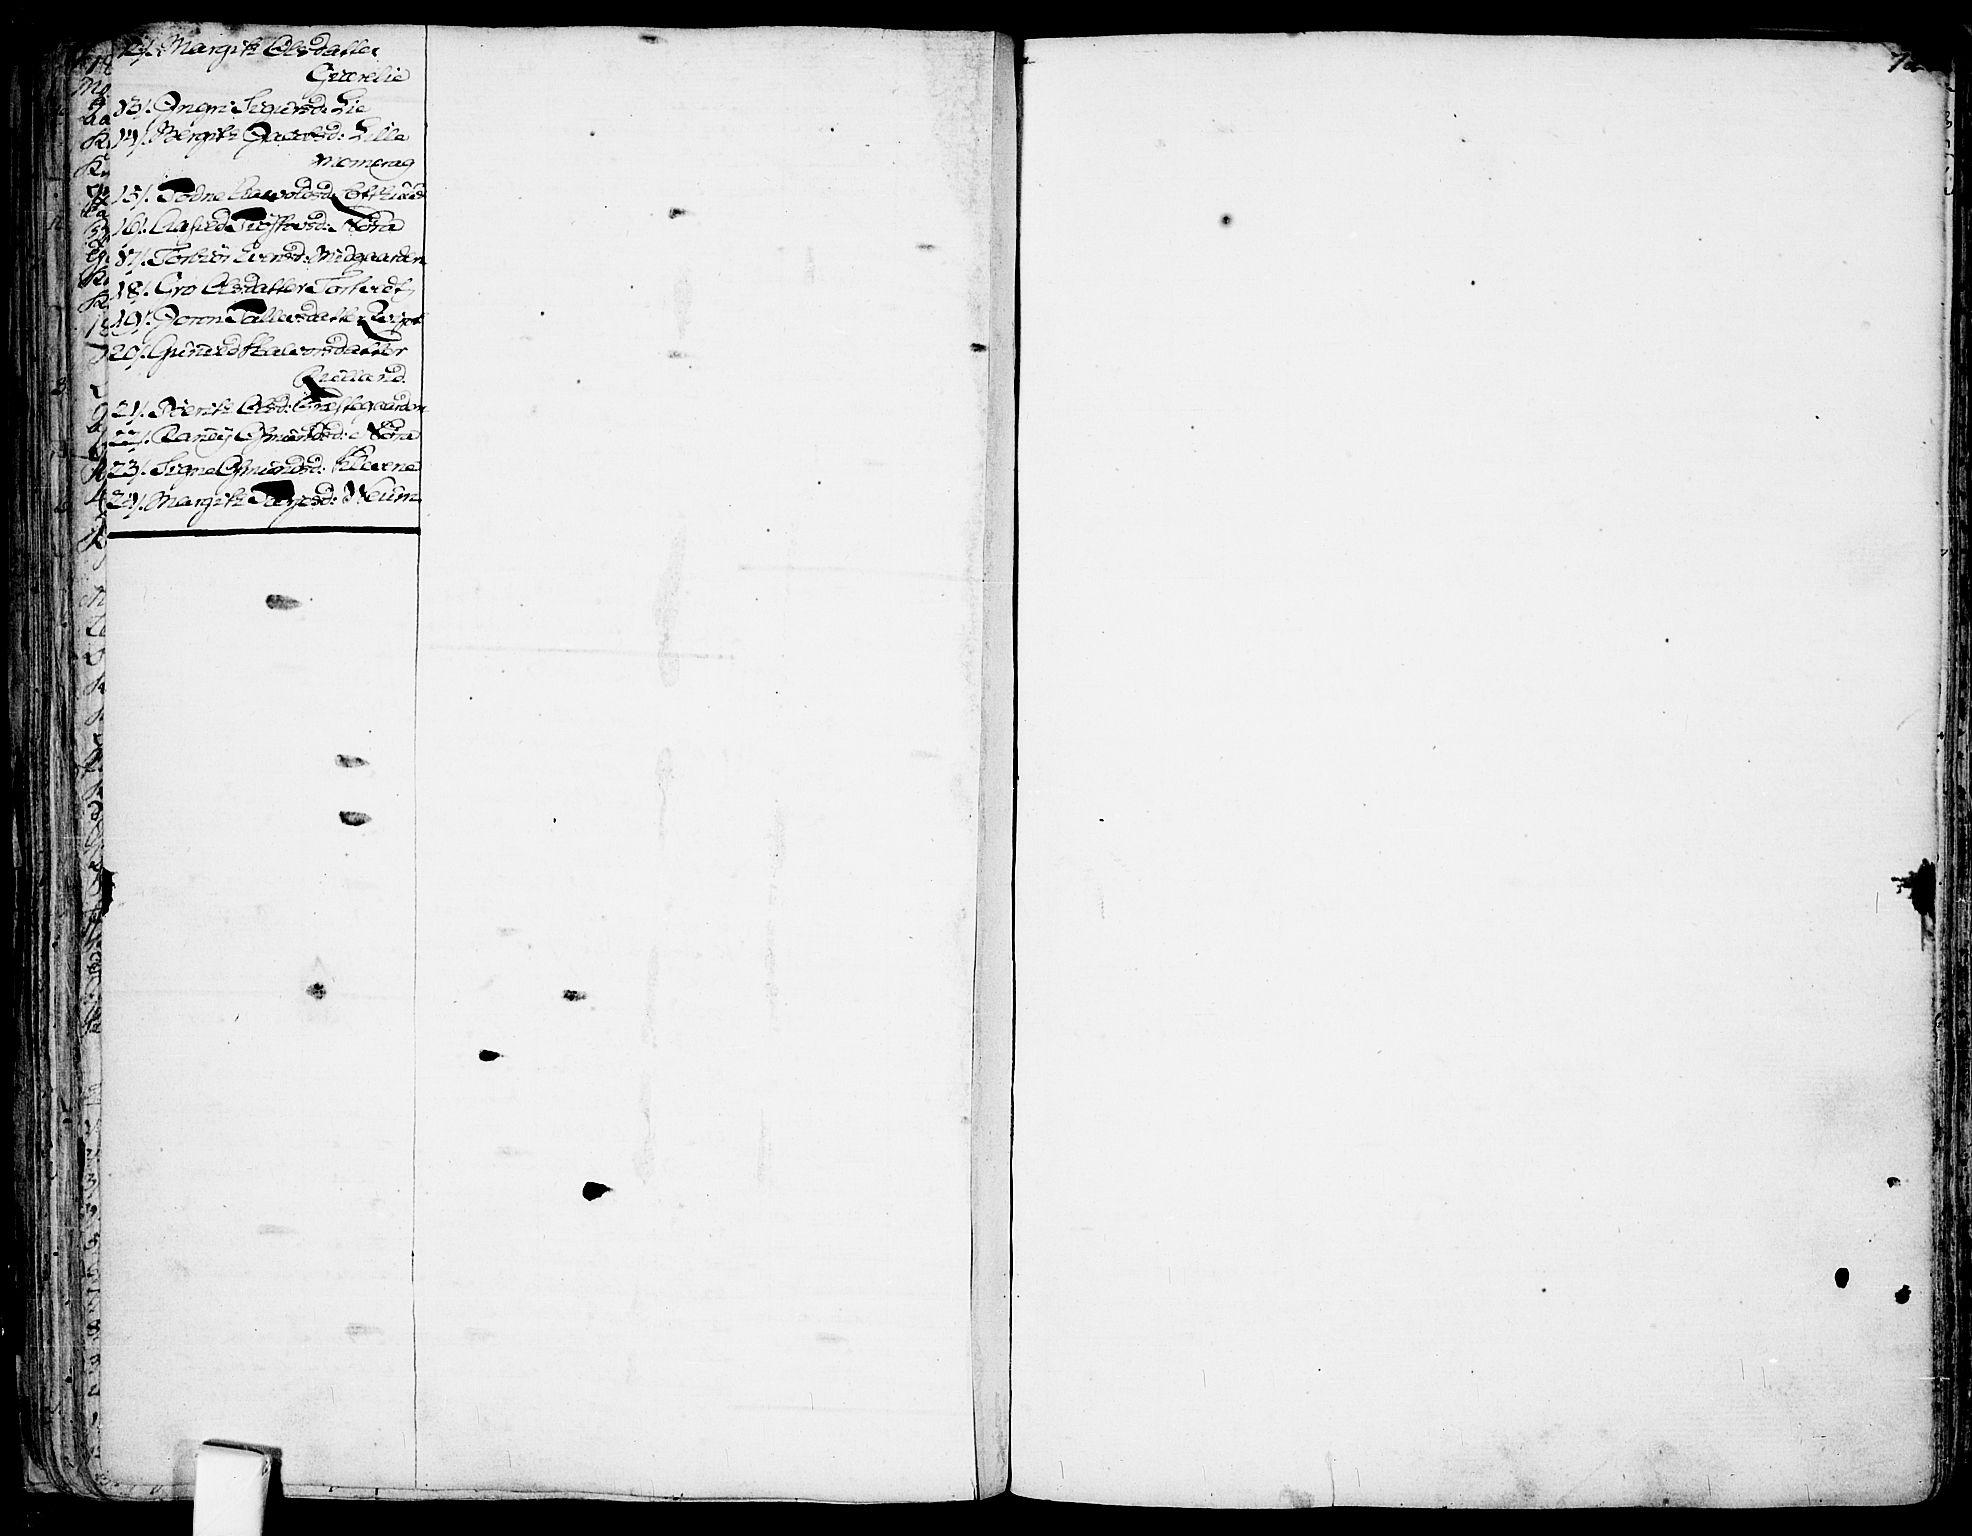 SAKO, Fyresdal kirkebøker, F/Fa/L0002: Ministerialbok nr. I 2, 1769-1814, s. 72